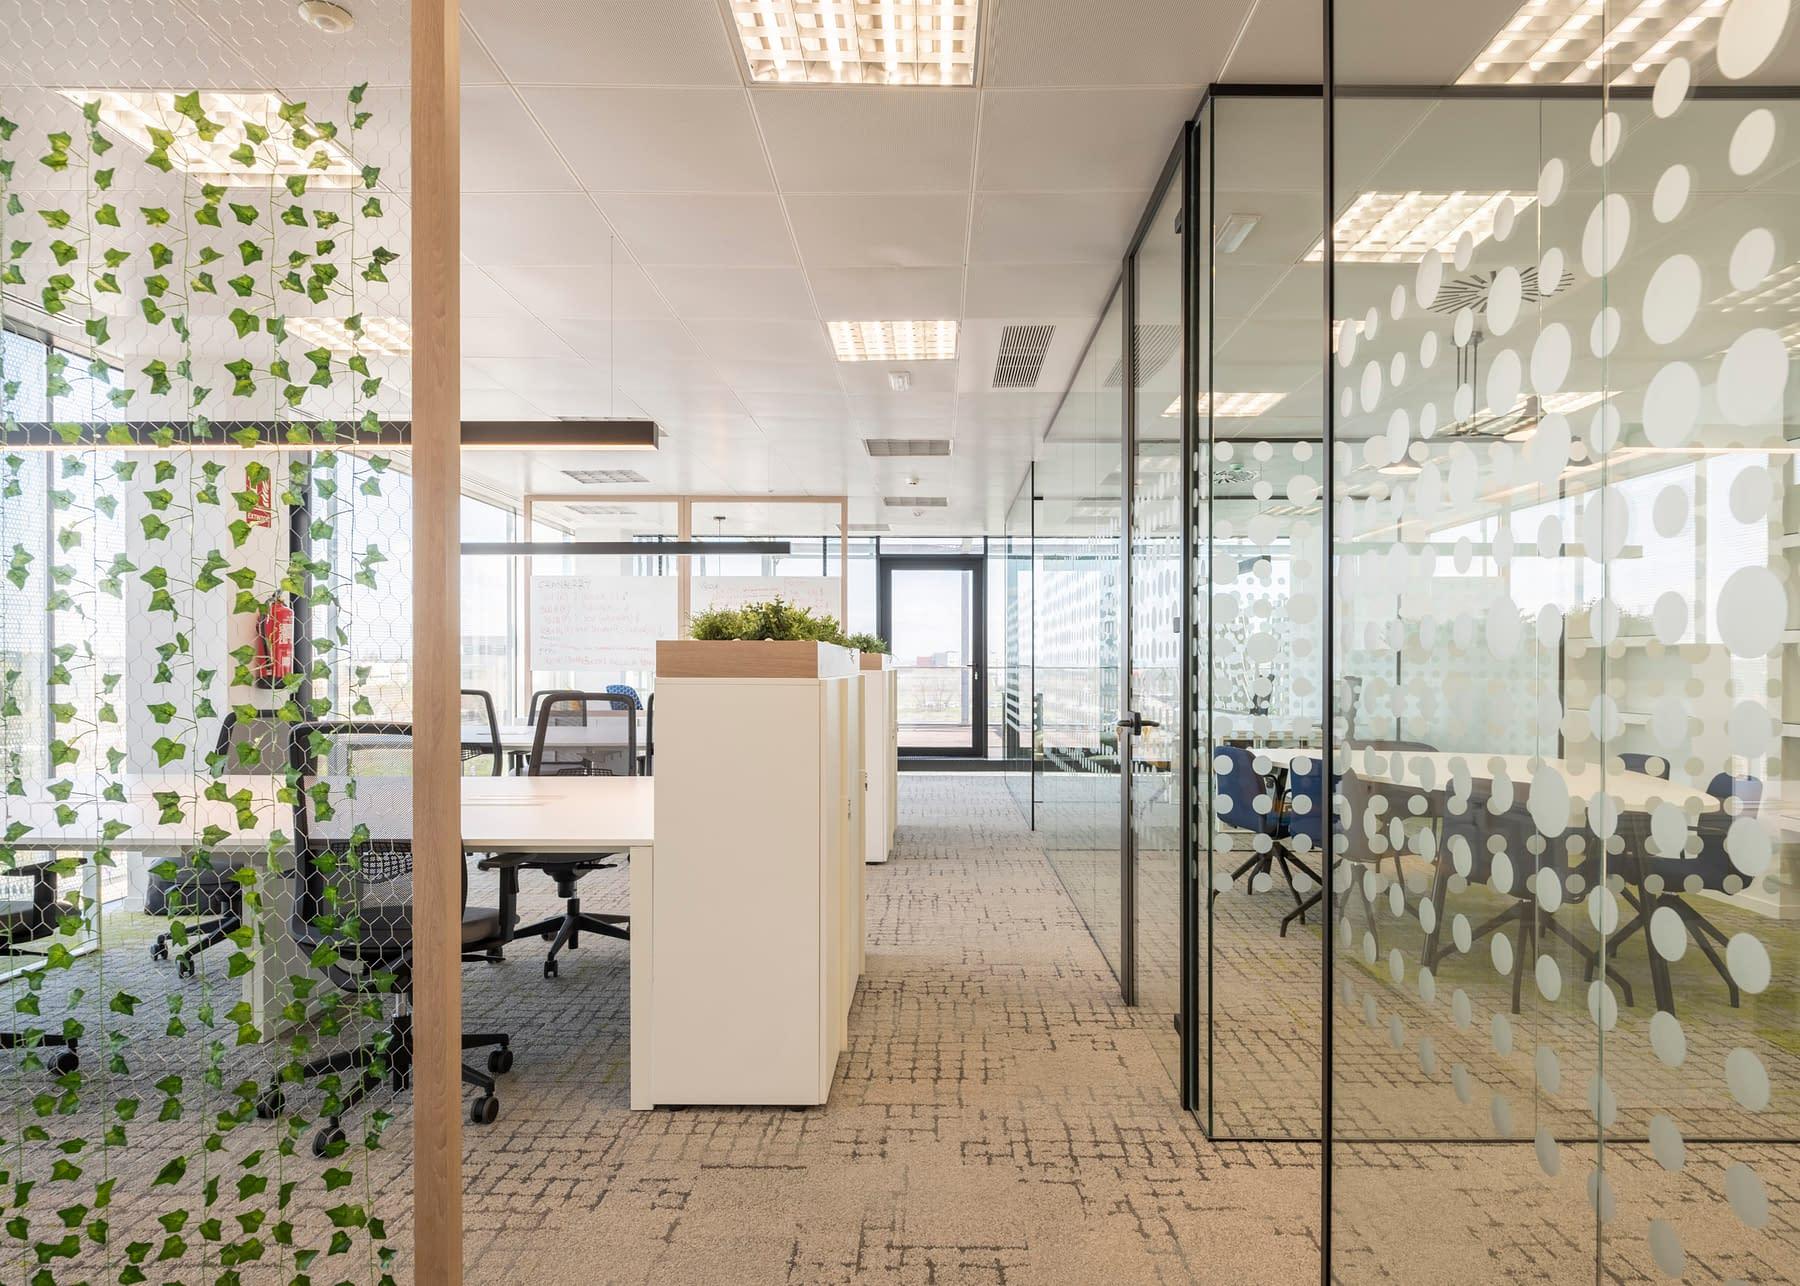 Diseño, reforma e implantación de oficina para empresa de materiales sanitarios en madrid (5)